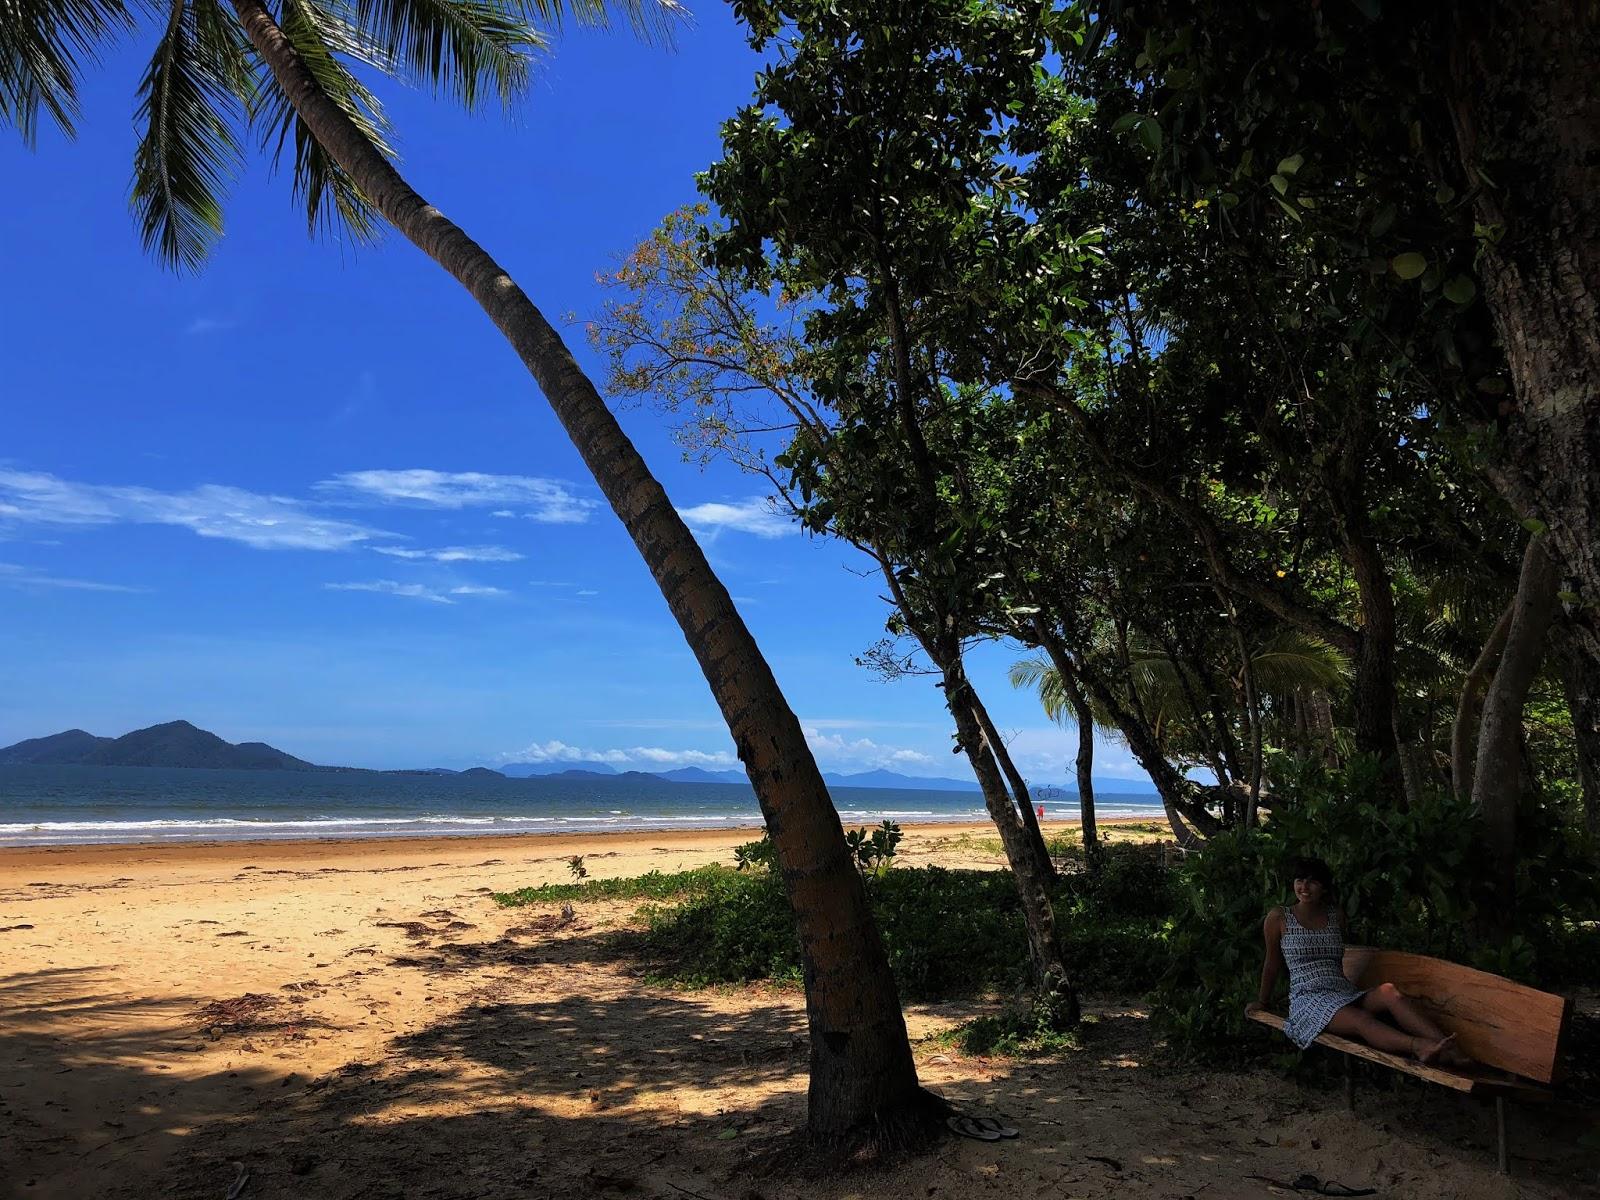 Plaża w australijskim miasteczku Mission Beach z drewnianą ławeczką, na której półsiedzi podróżniczka pod gęstą roślinności lasu deszczowego.